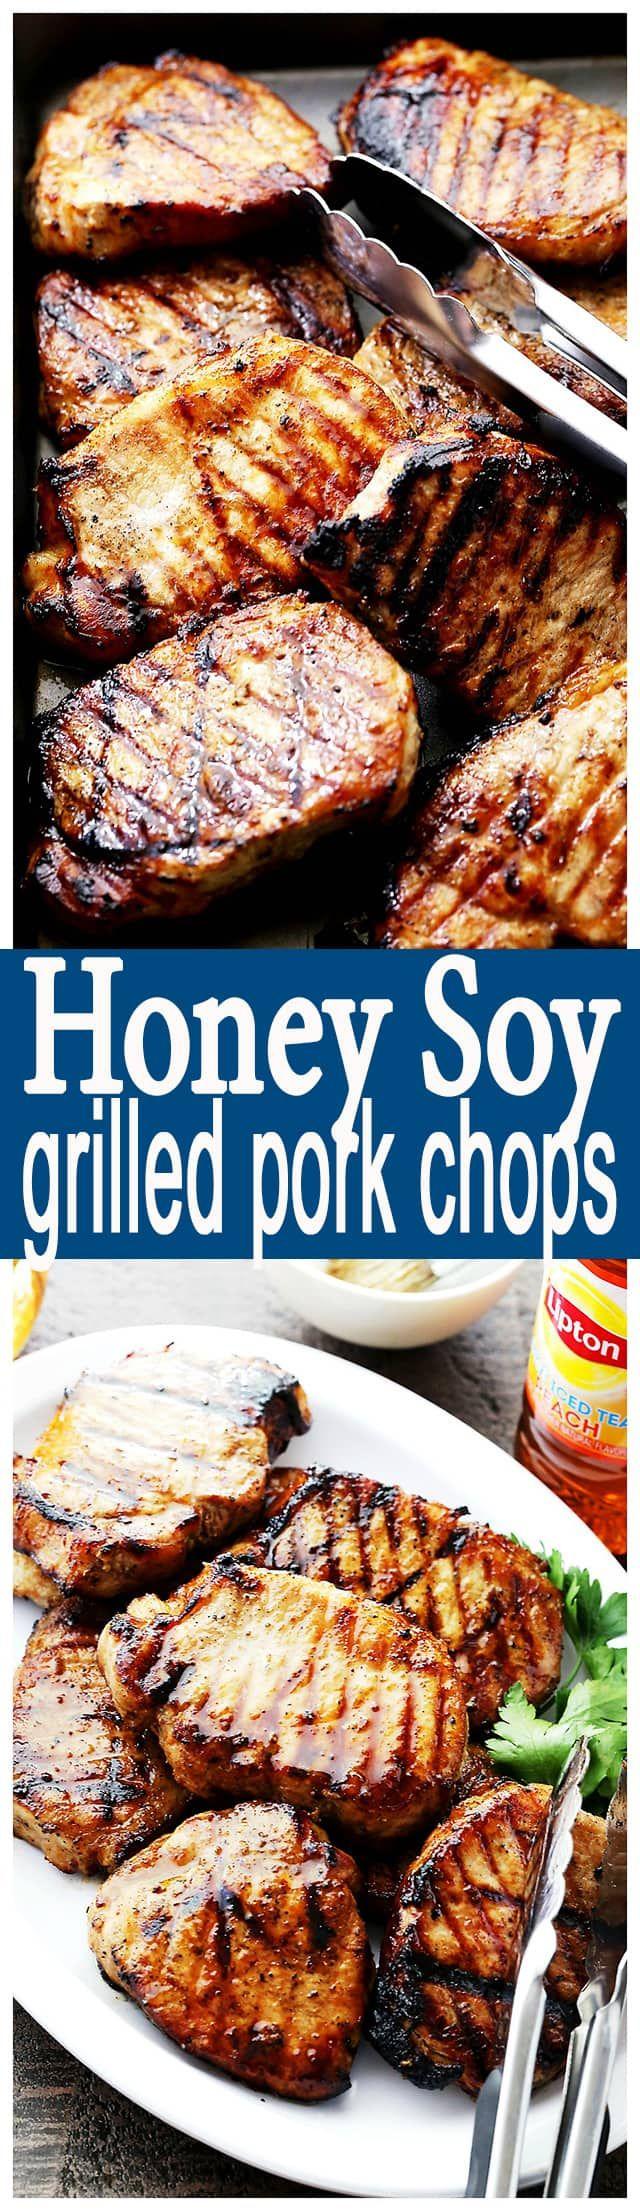 Honey Soy Grilled Pork Chops | Easy Grilled Pork Chops Recipe #grilledporkchops